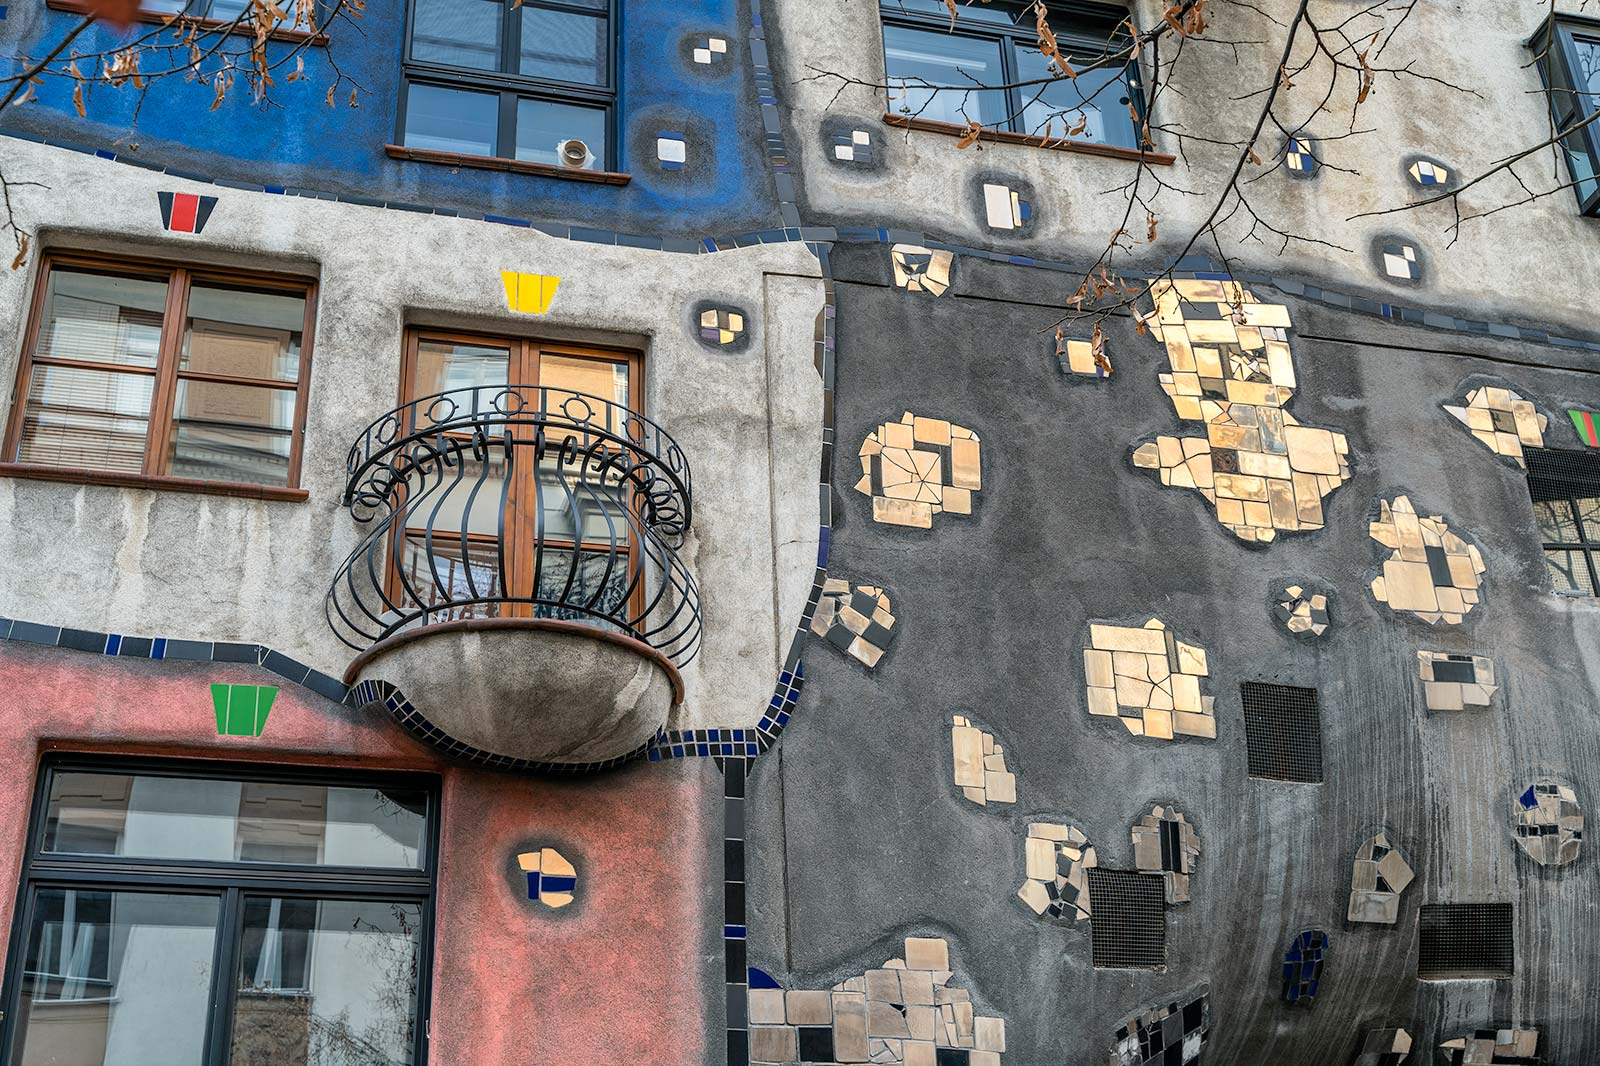 Dettaglio del Palazzo Hundertwasser